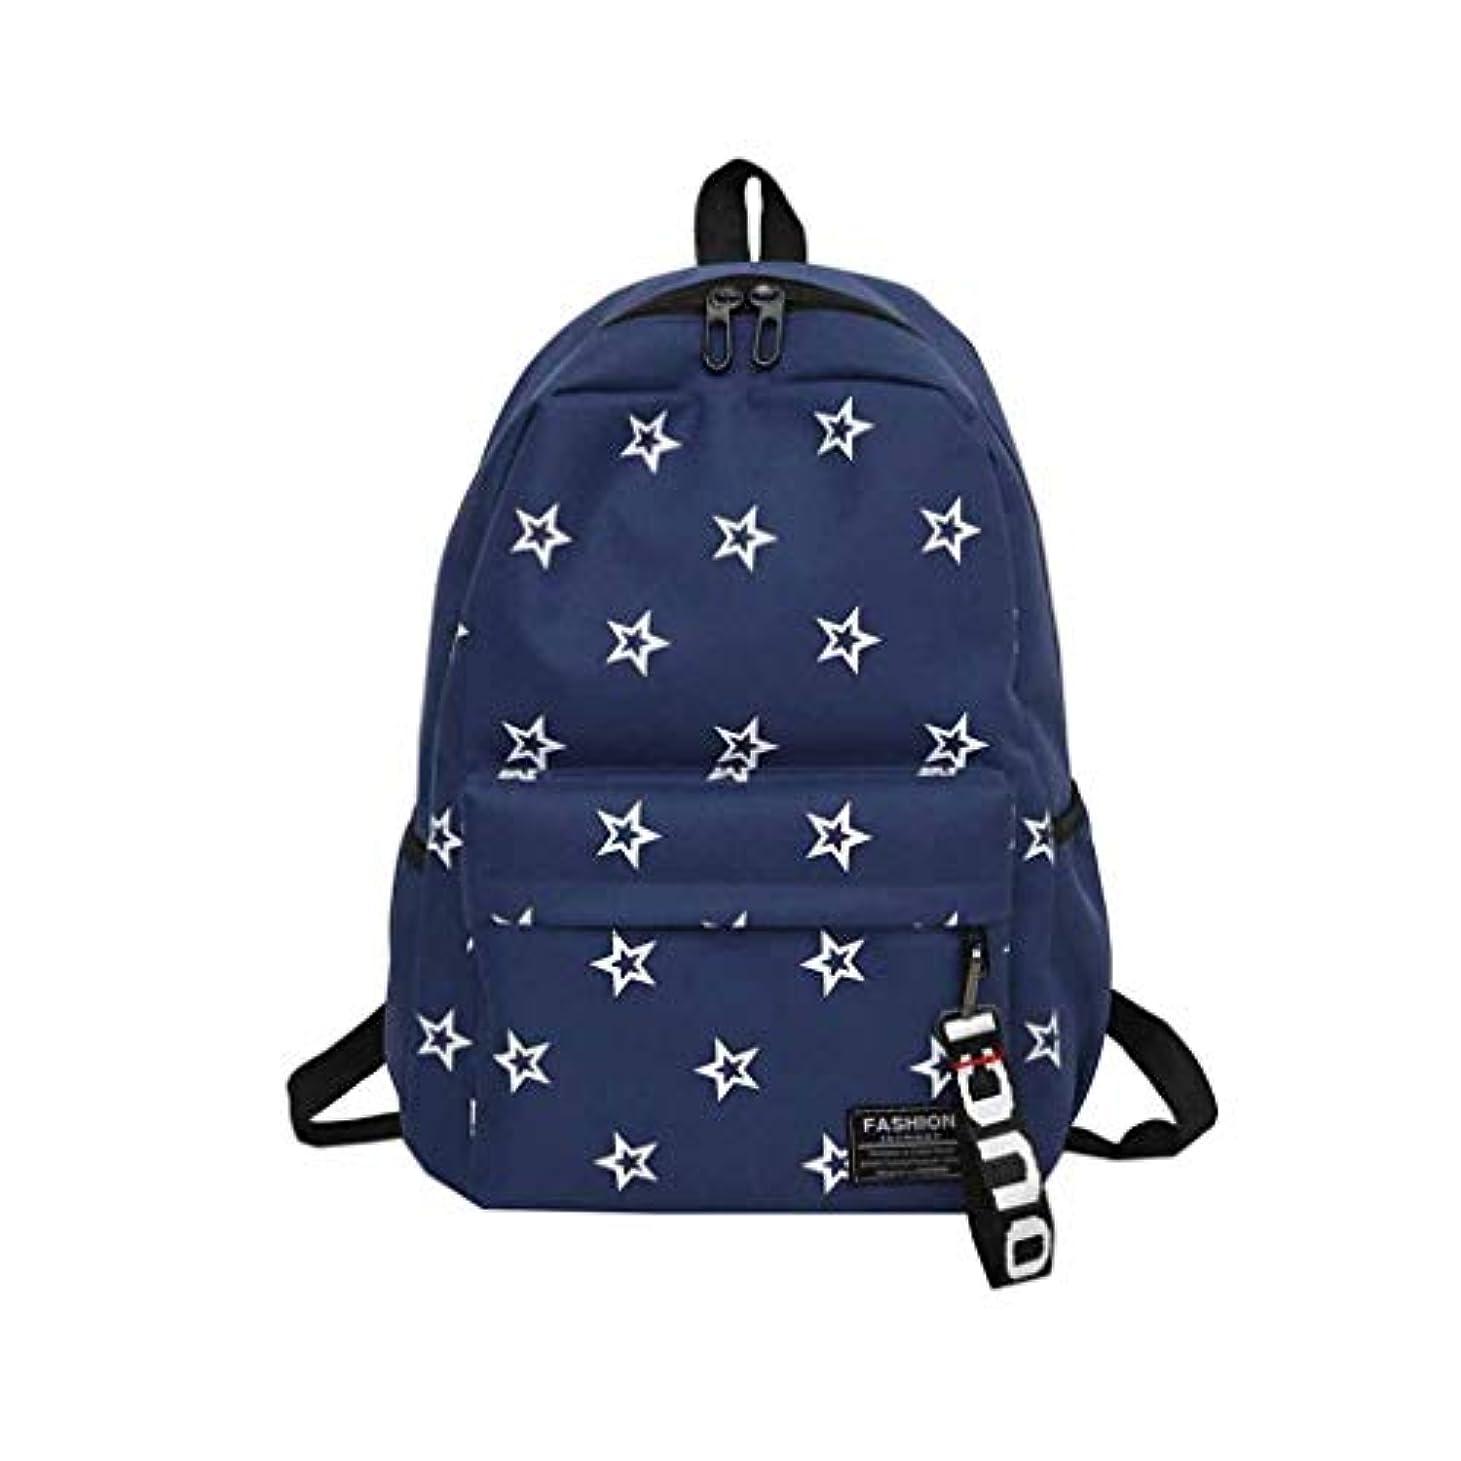 エクスタシーアコーはげ女の子星柄可愛いレジャーバッグ高校生 旅行 登山 通勤 大人 大容量 小学生通学遠足リュックシンプル防水おしゃれバックパック人気バックパック